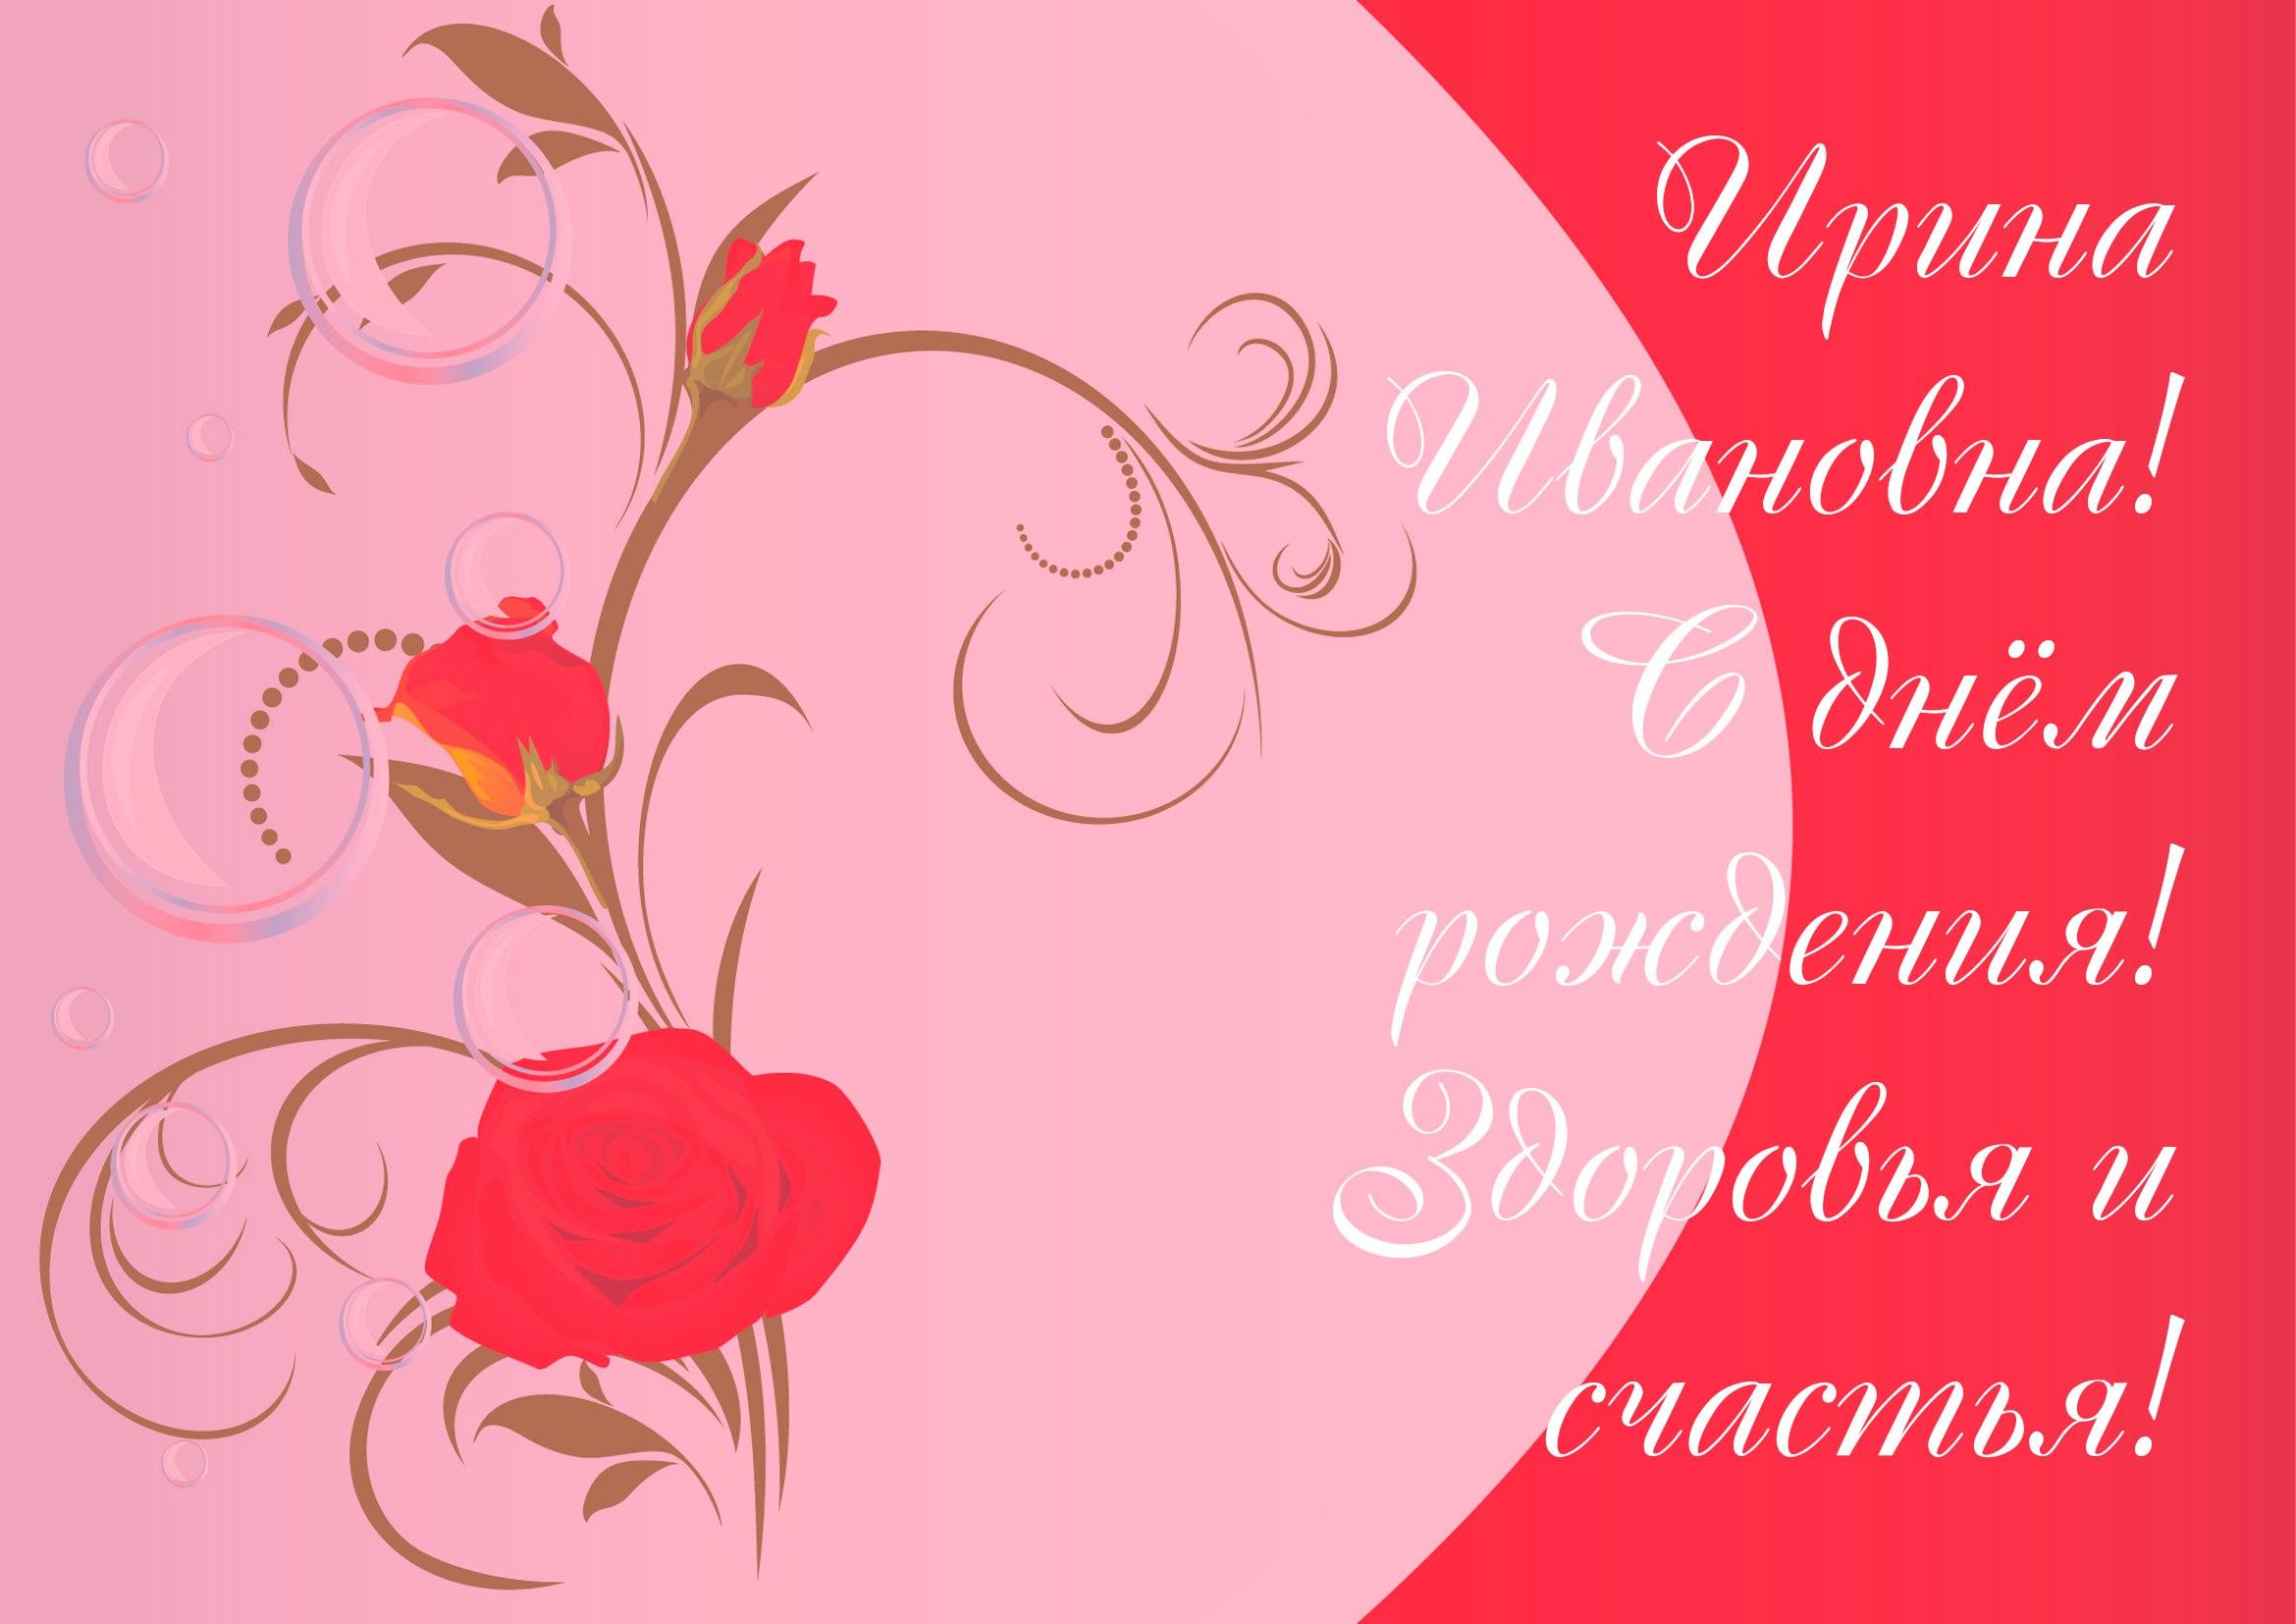 Красивые картинки с днем рождения Ирина (25 фото) 38